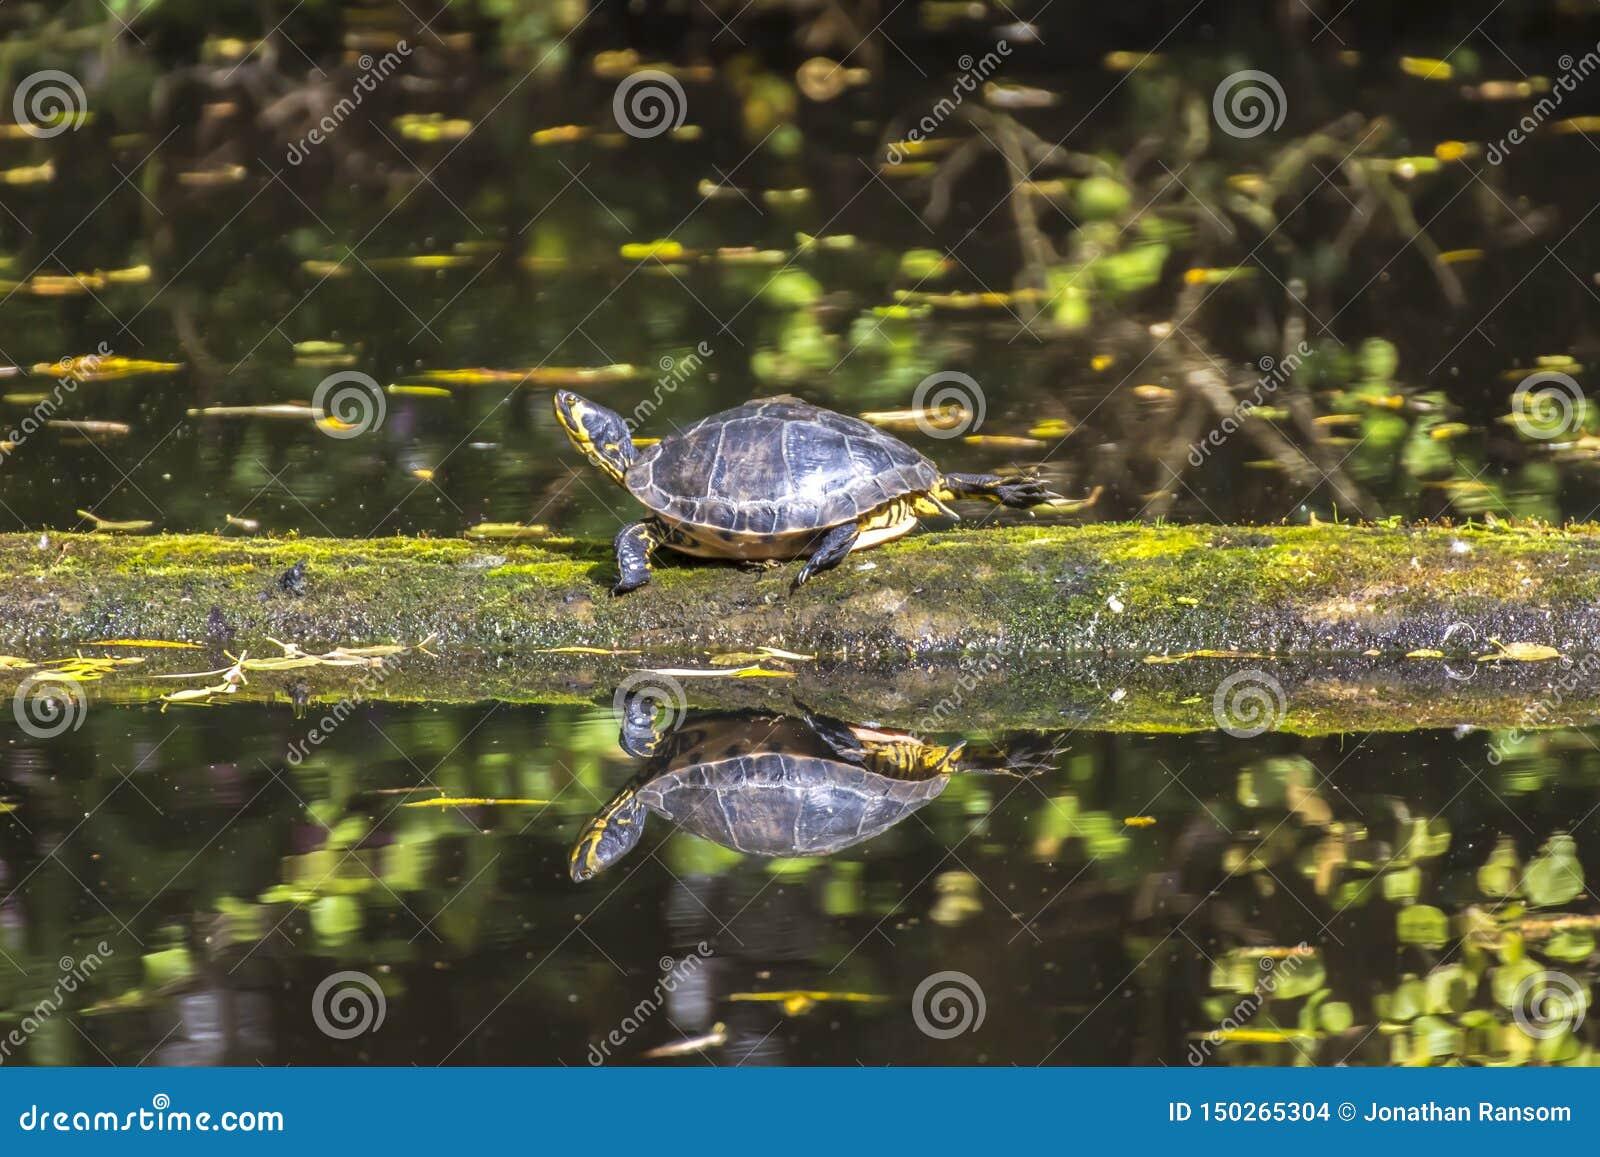 Tartaruga inchada amarela que anda em um log que flutua na água